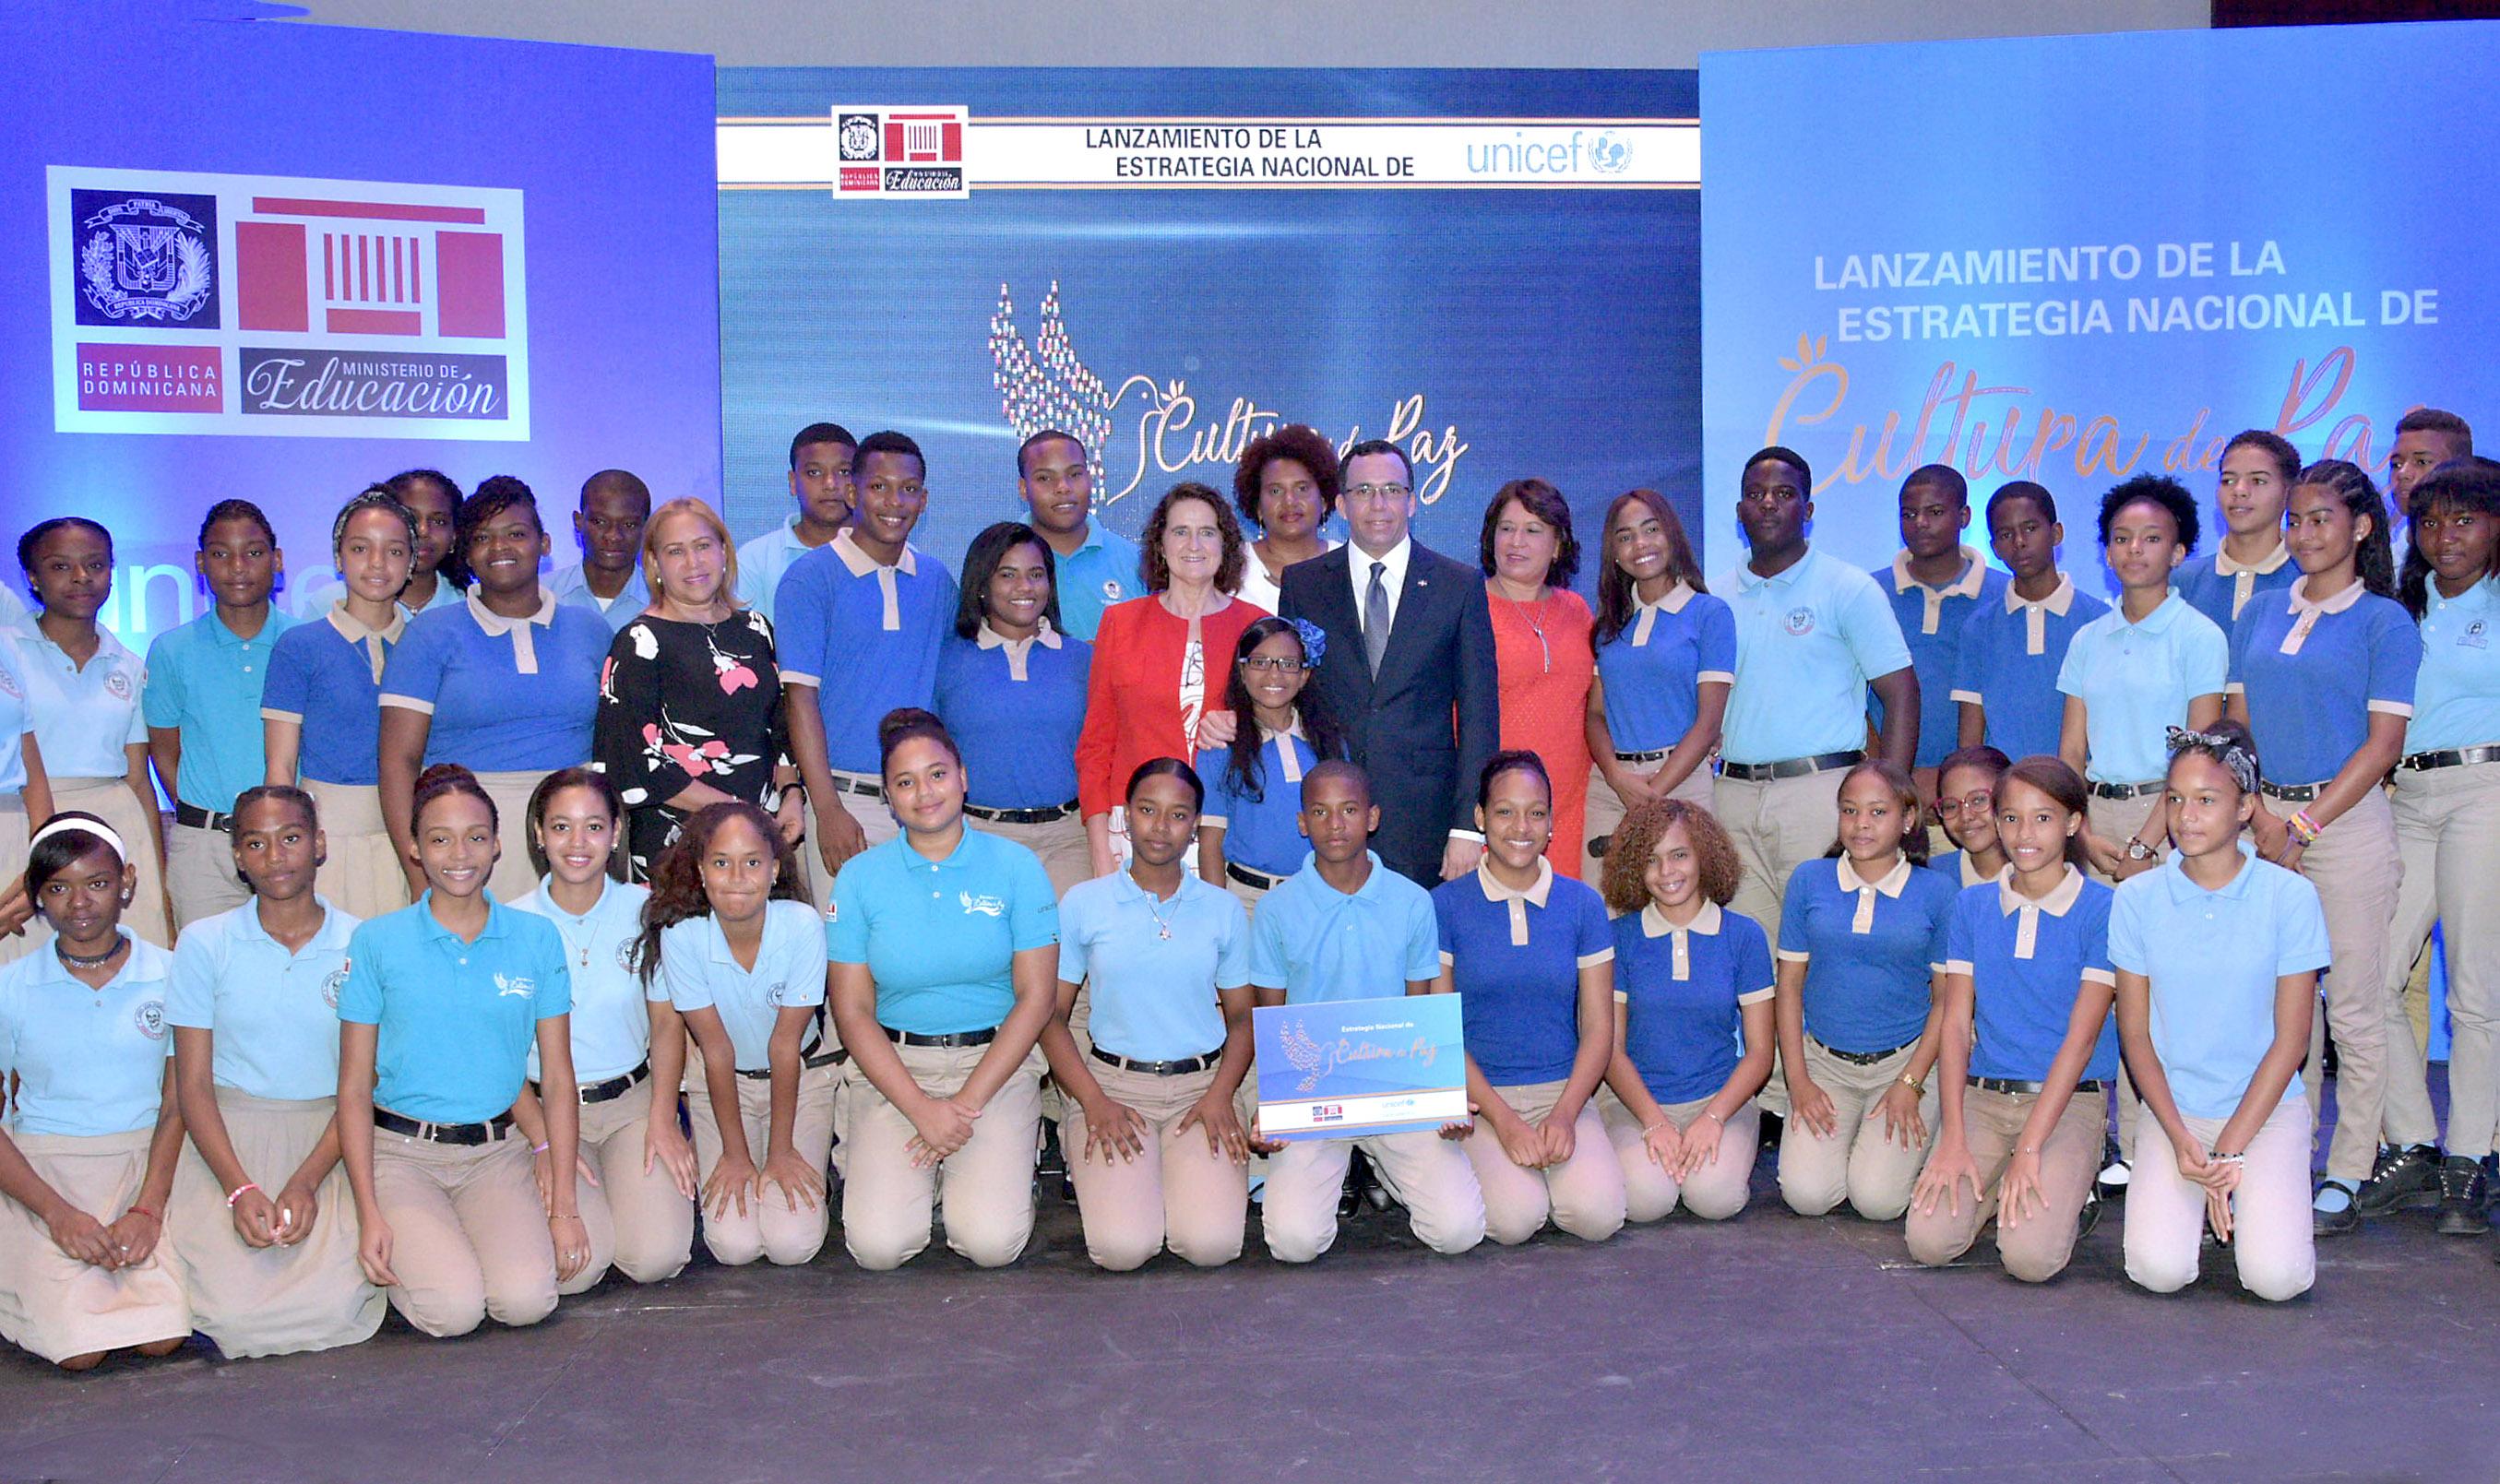 imagen Ministro Andrés Navarro a directiva de Unicef y estudiantes representandes de Estrategia Nacional para una Cultura de Paz en las Esucelas